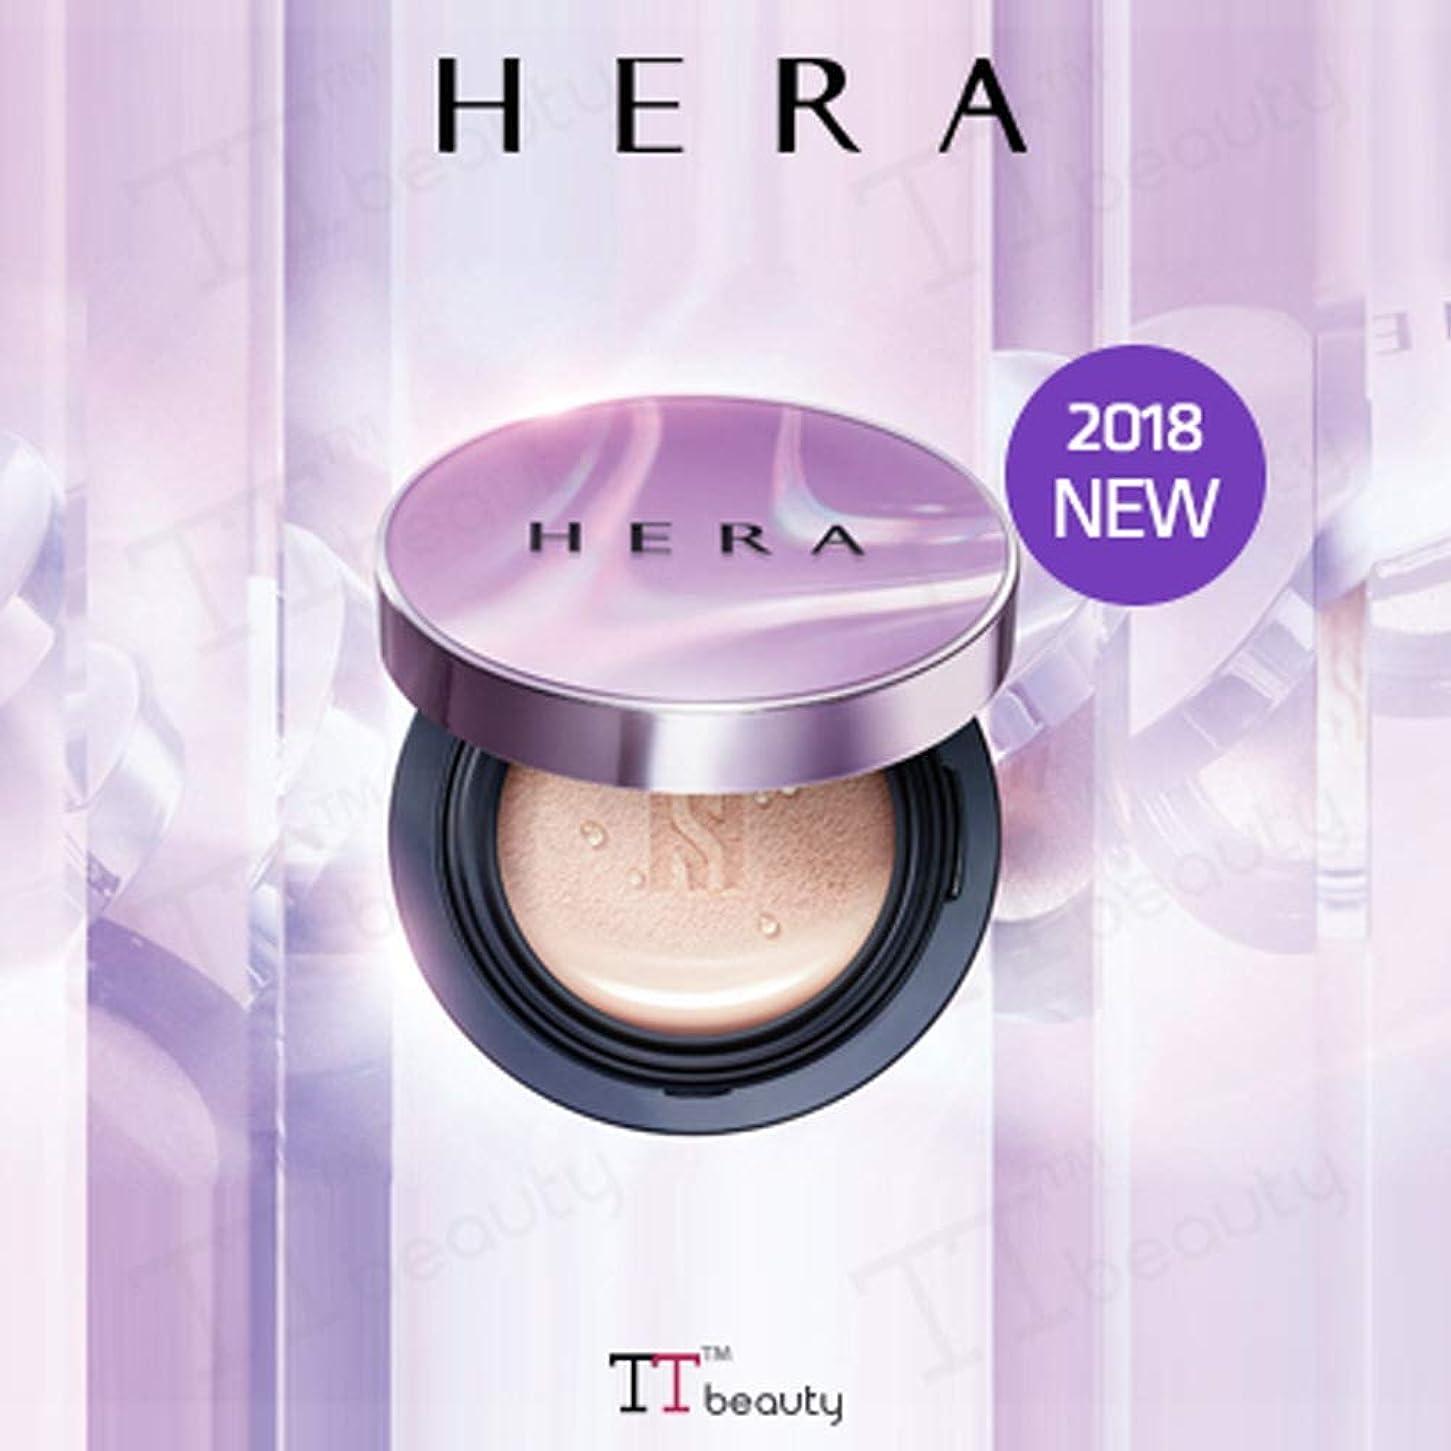 ベリー税金ご意見[HERA/ヘラ]UVミストクッションカバー(15gx2)/UV MIST CUSHION COVER SPF50+/PA+++[2018新発売][TTBEAUTY][韓国コスメ] (No.C15-Rose Ivory cover)